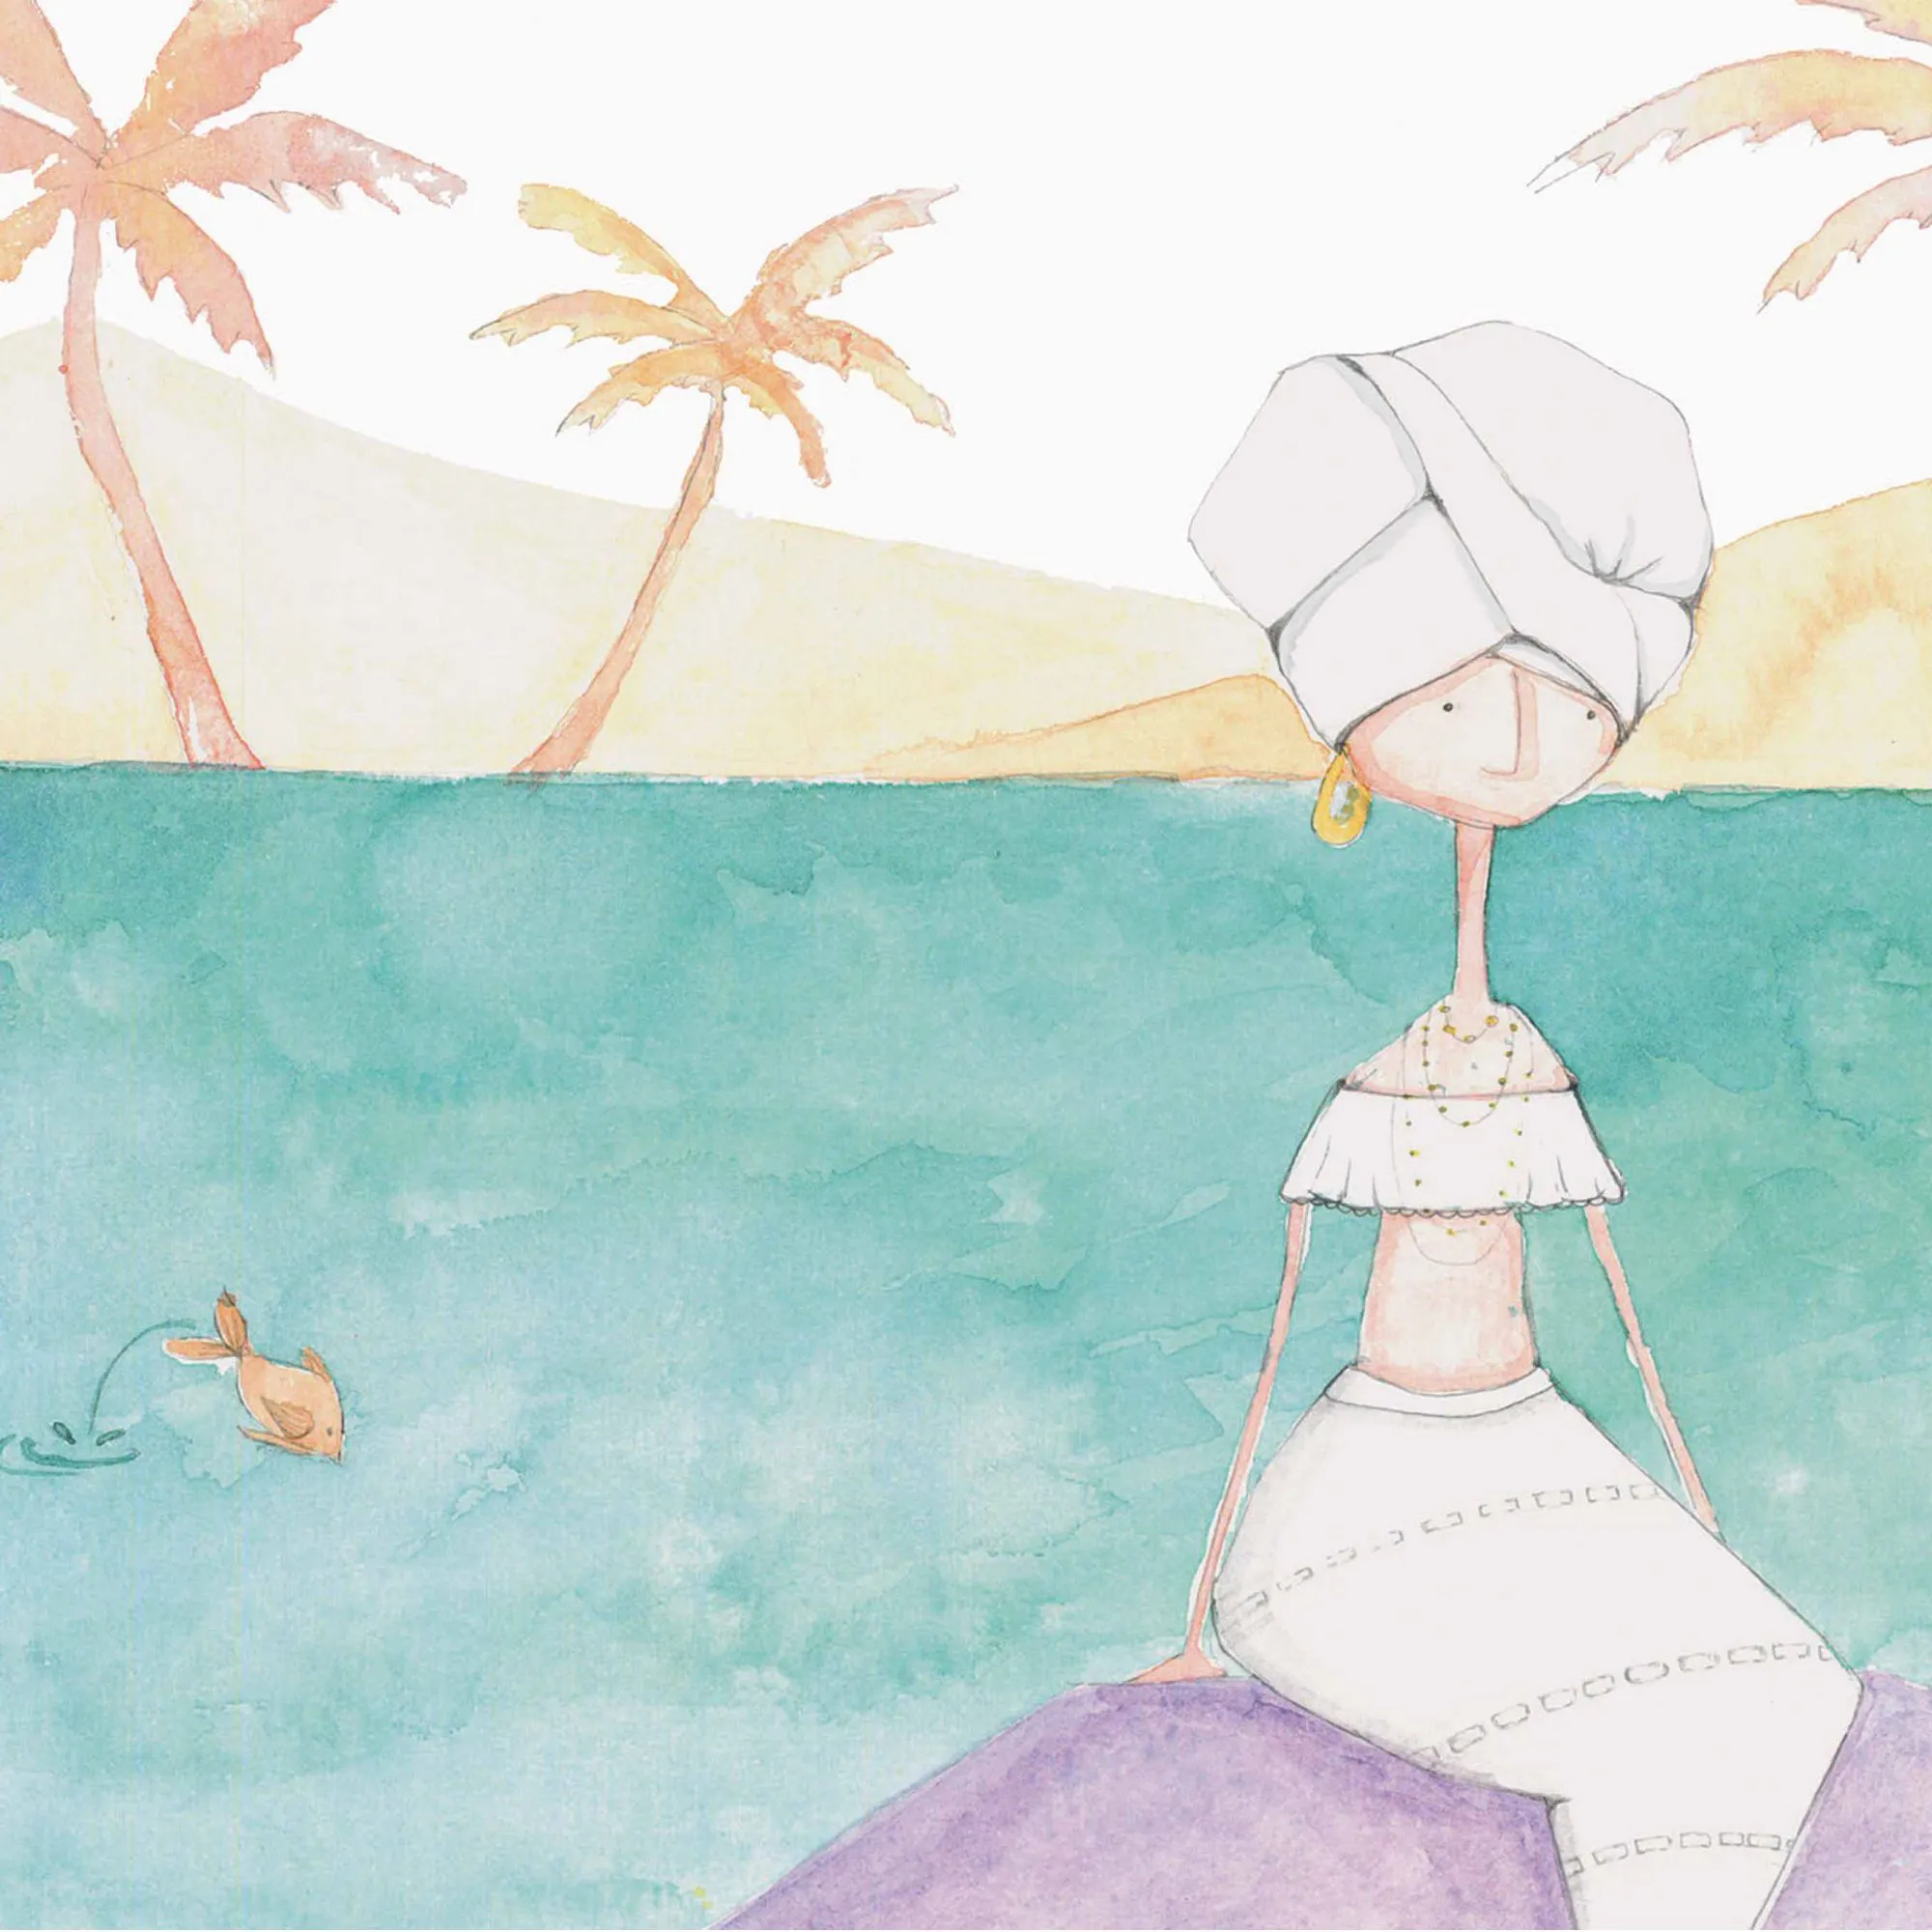 Capa para Edredom - Sereia  - Ideias de Mamãe